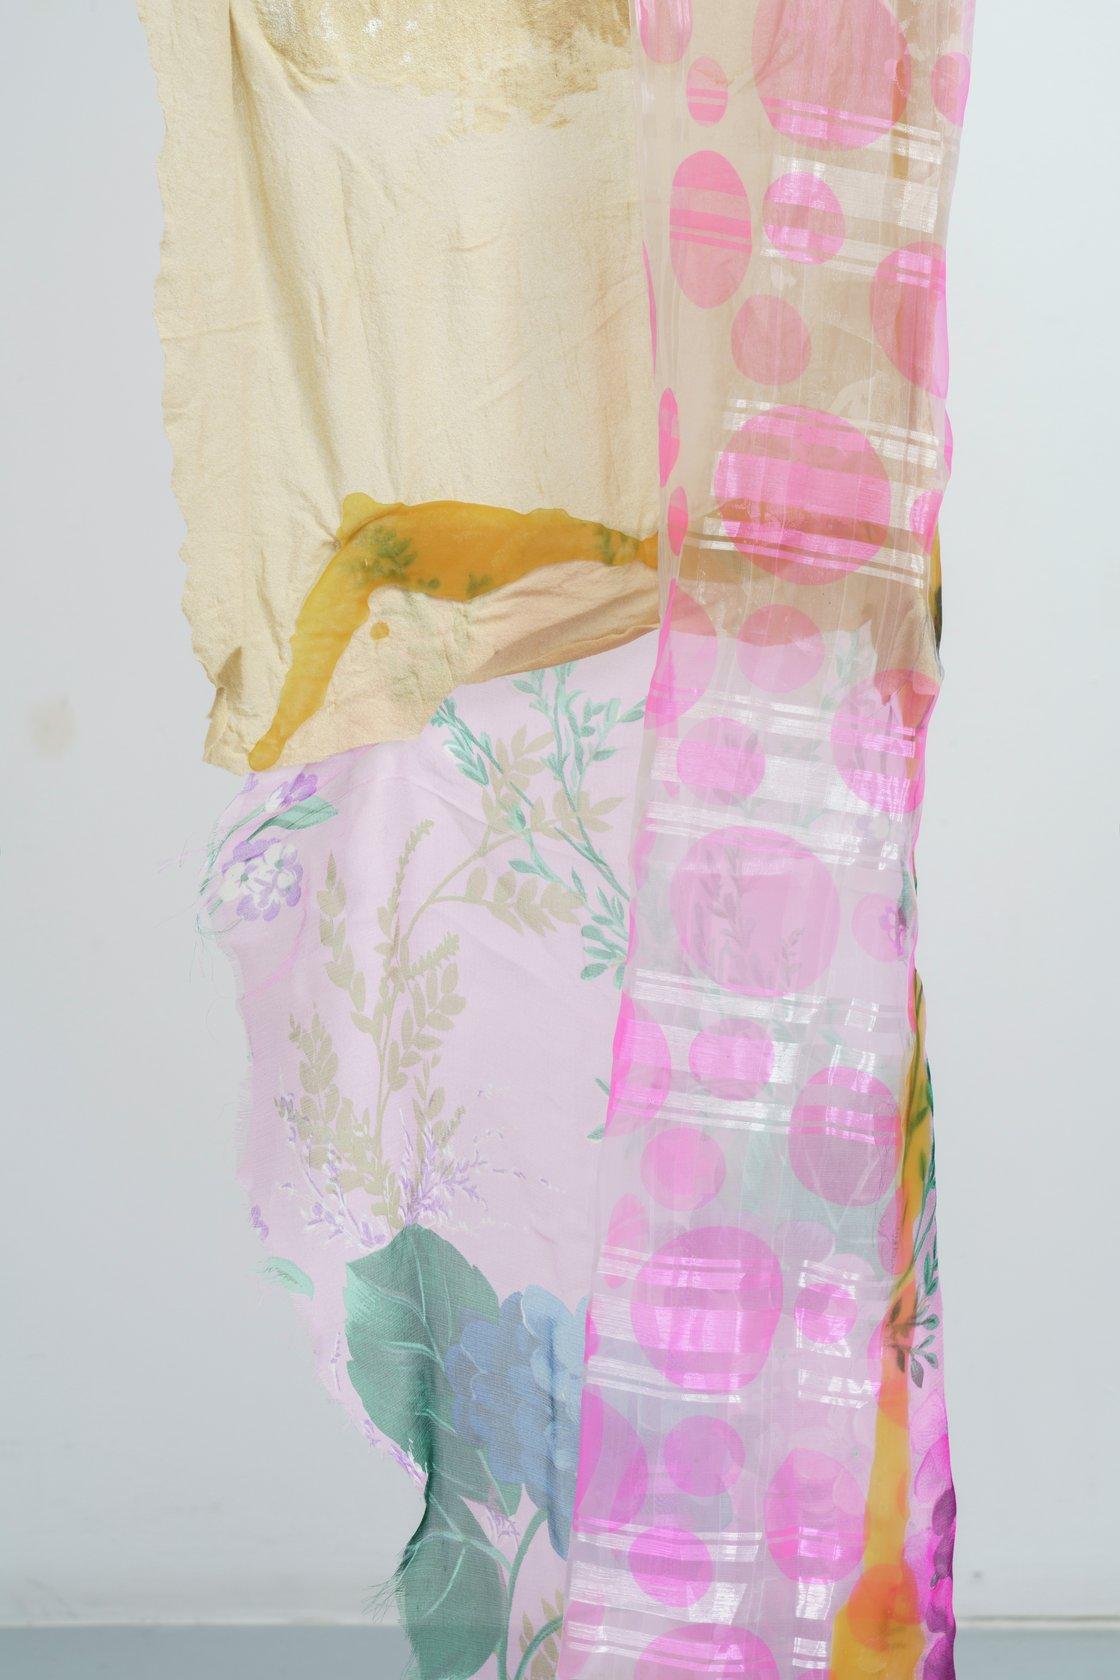 Mimosa Echard, LUCA Robe, 2019